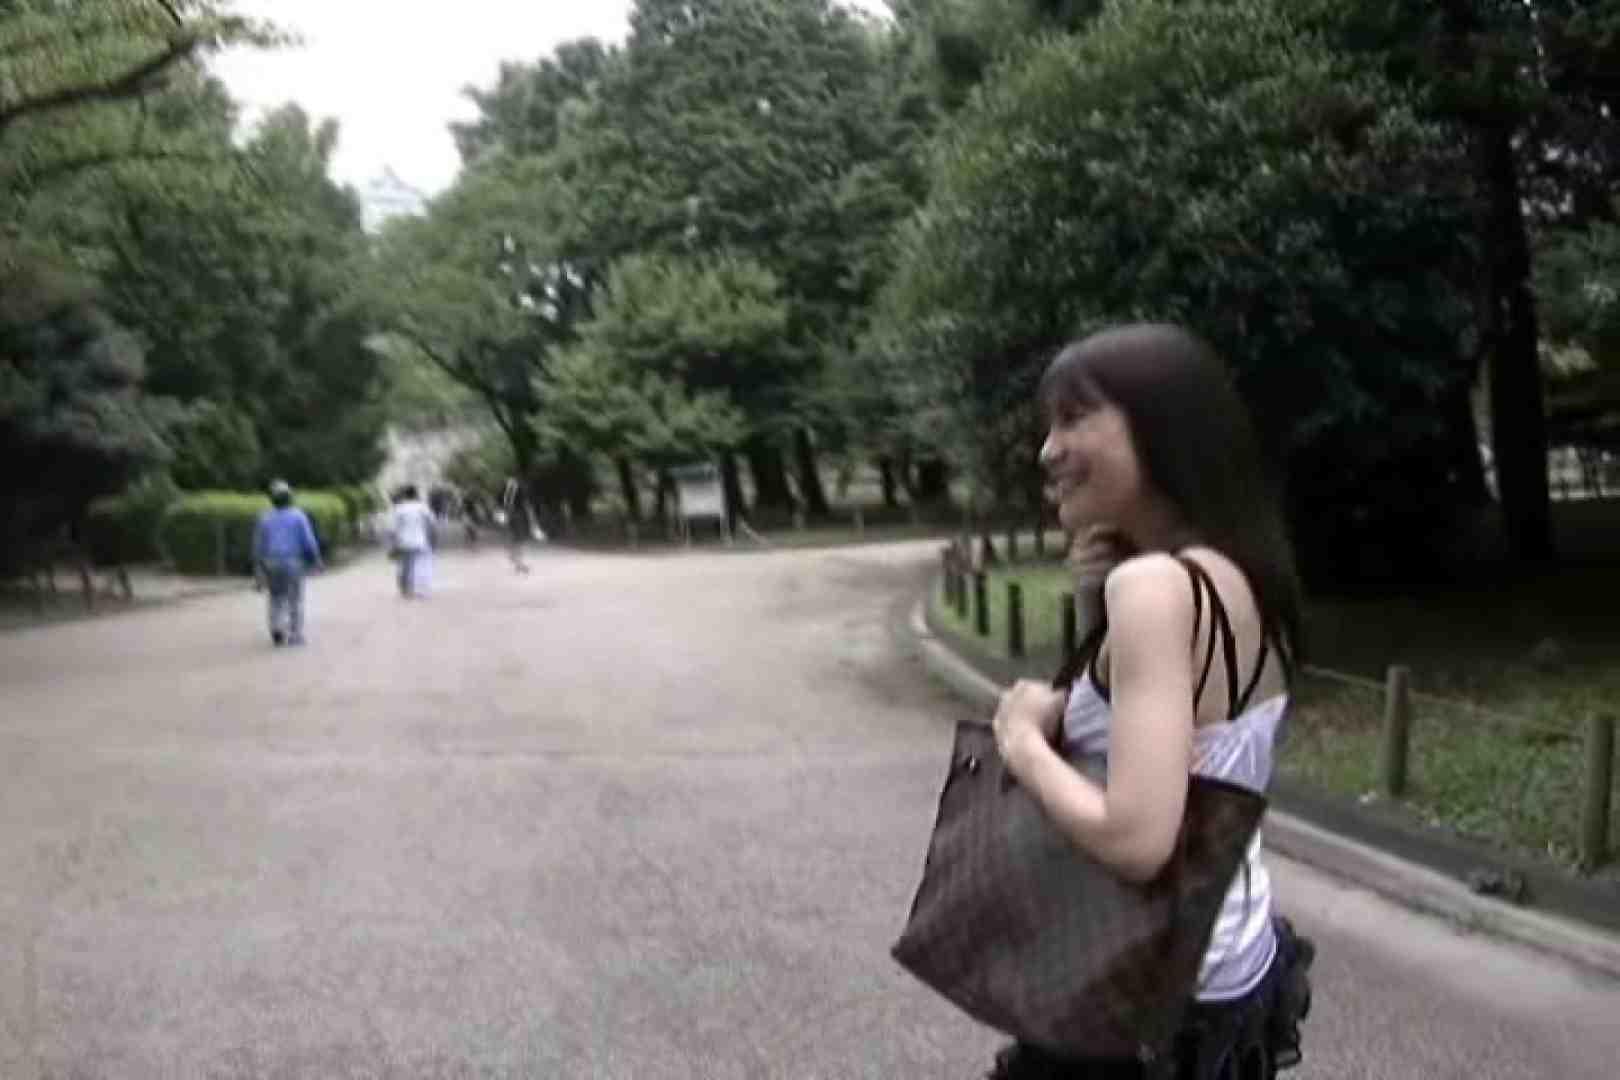 ハイビジョンパンチラ オッテQさんの追跡パンチラ制服女子編Vol.05 追跡  93pic 56